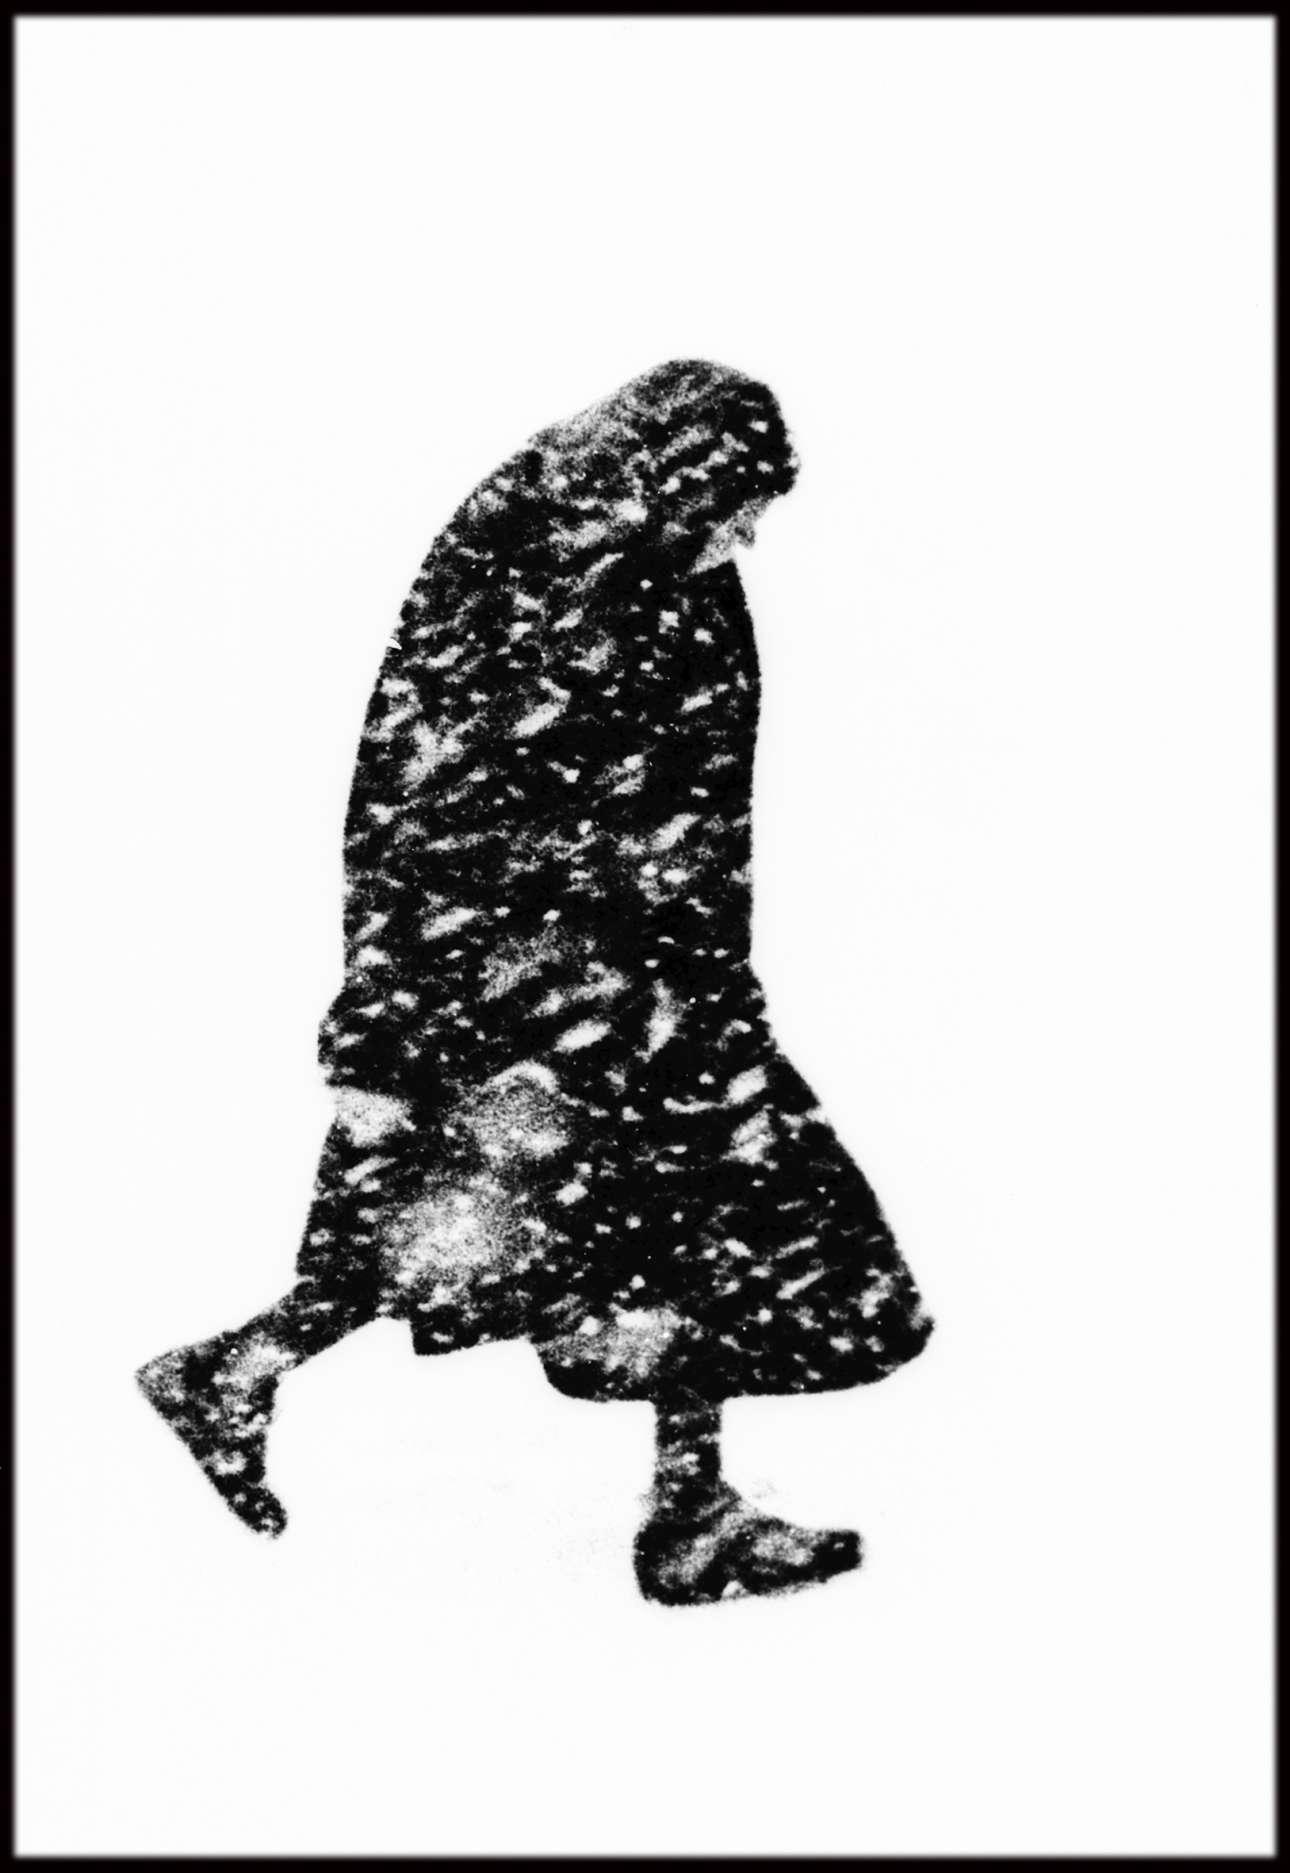 Μία εικόνα που μοιάζει σαν αφαιρετική ζωγραφιά: ηλικιωμένη κυρία περπατάει μέσα σε χιονοθύελλα, στο Αμβούργο το 1954